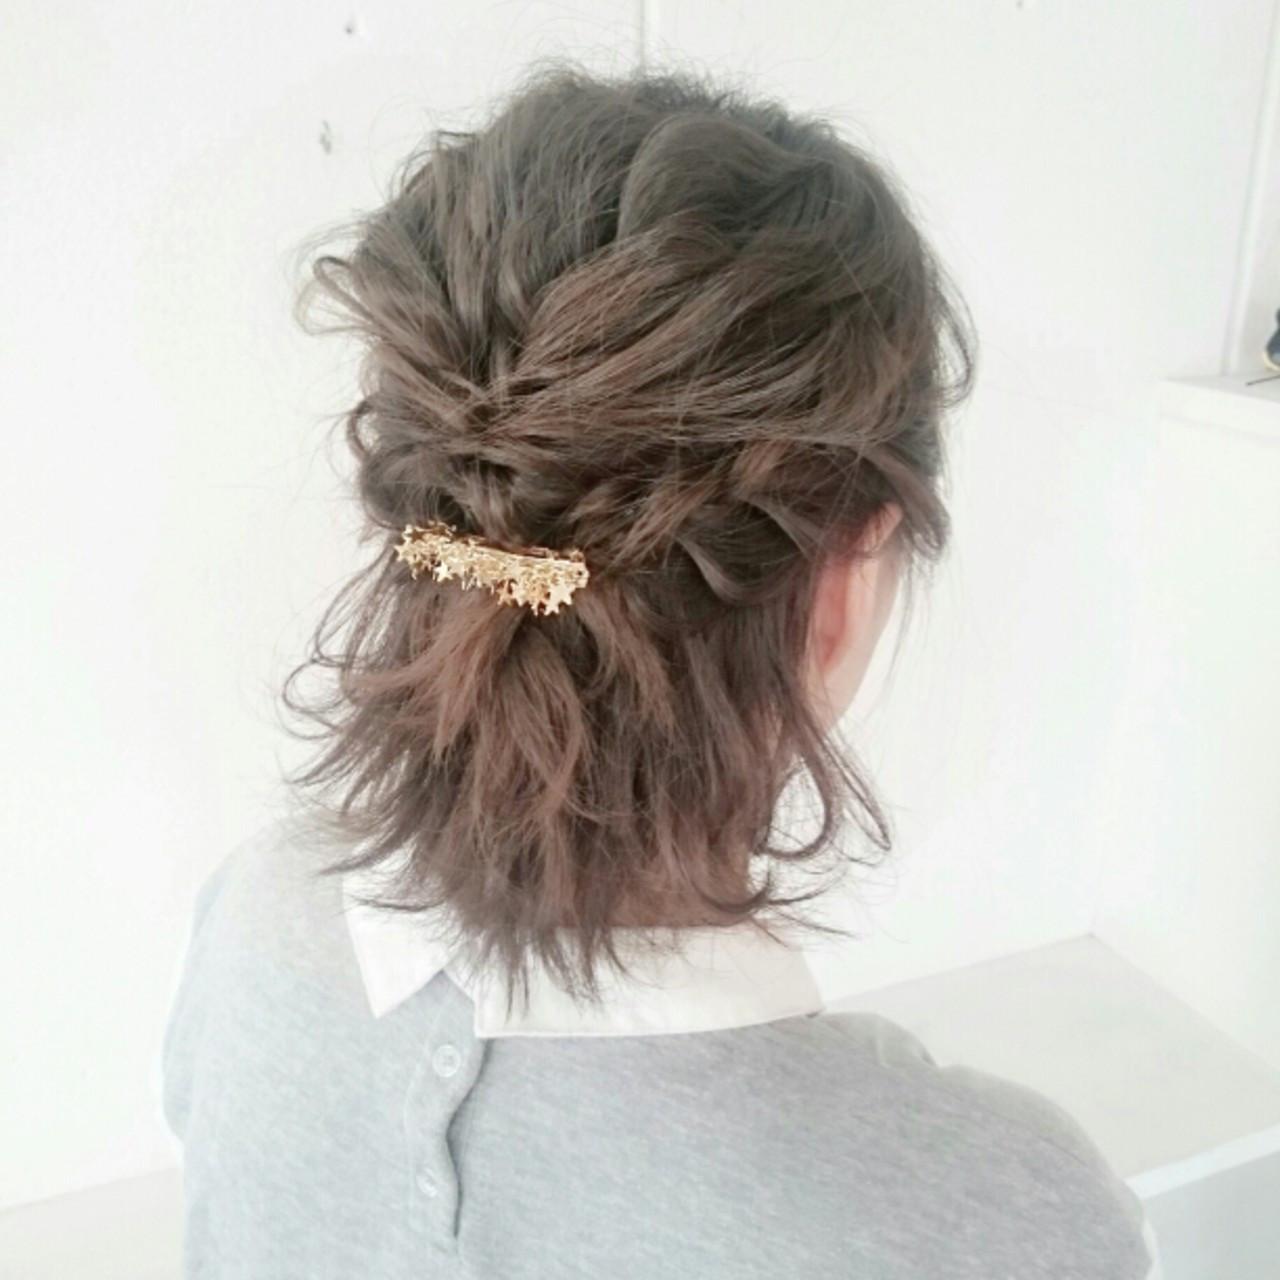 ワックスを使ったショートヘアアレンジ♡つけ方の基礎と簡単スタイル集